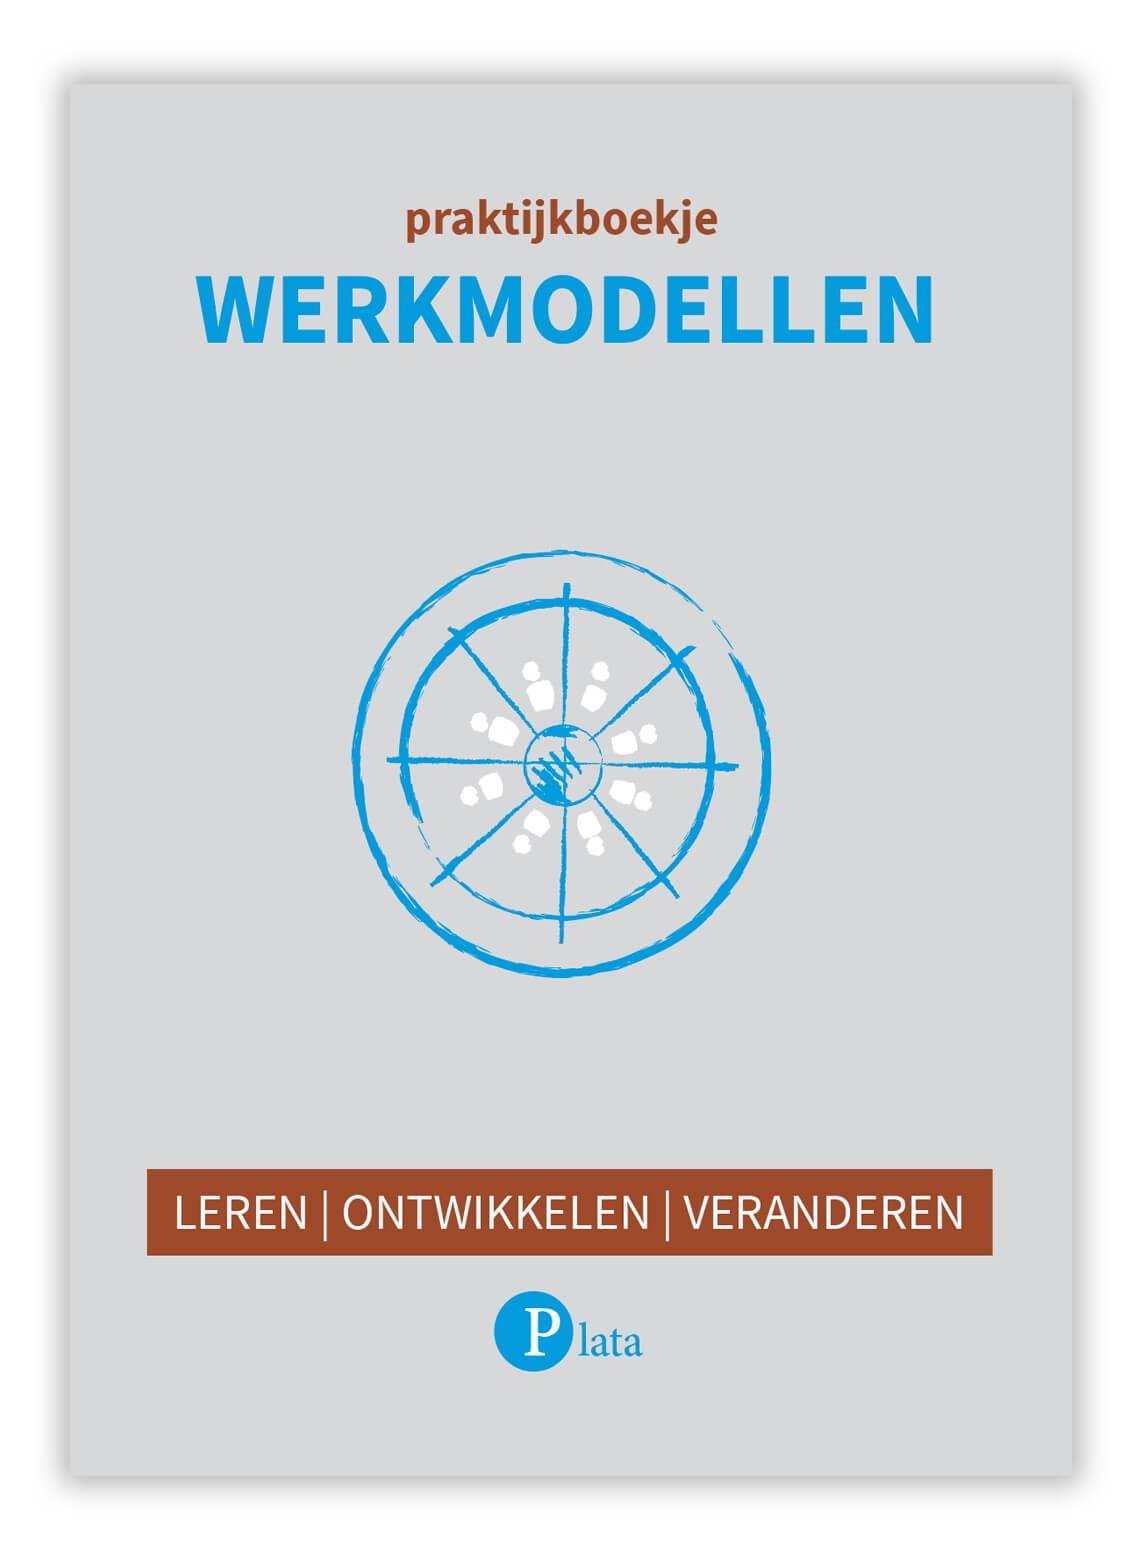 Praktijkboekje_Werkmodellen